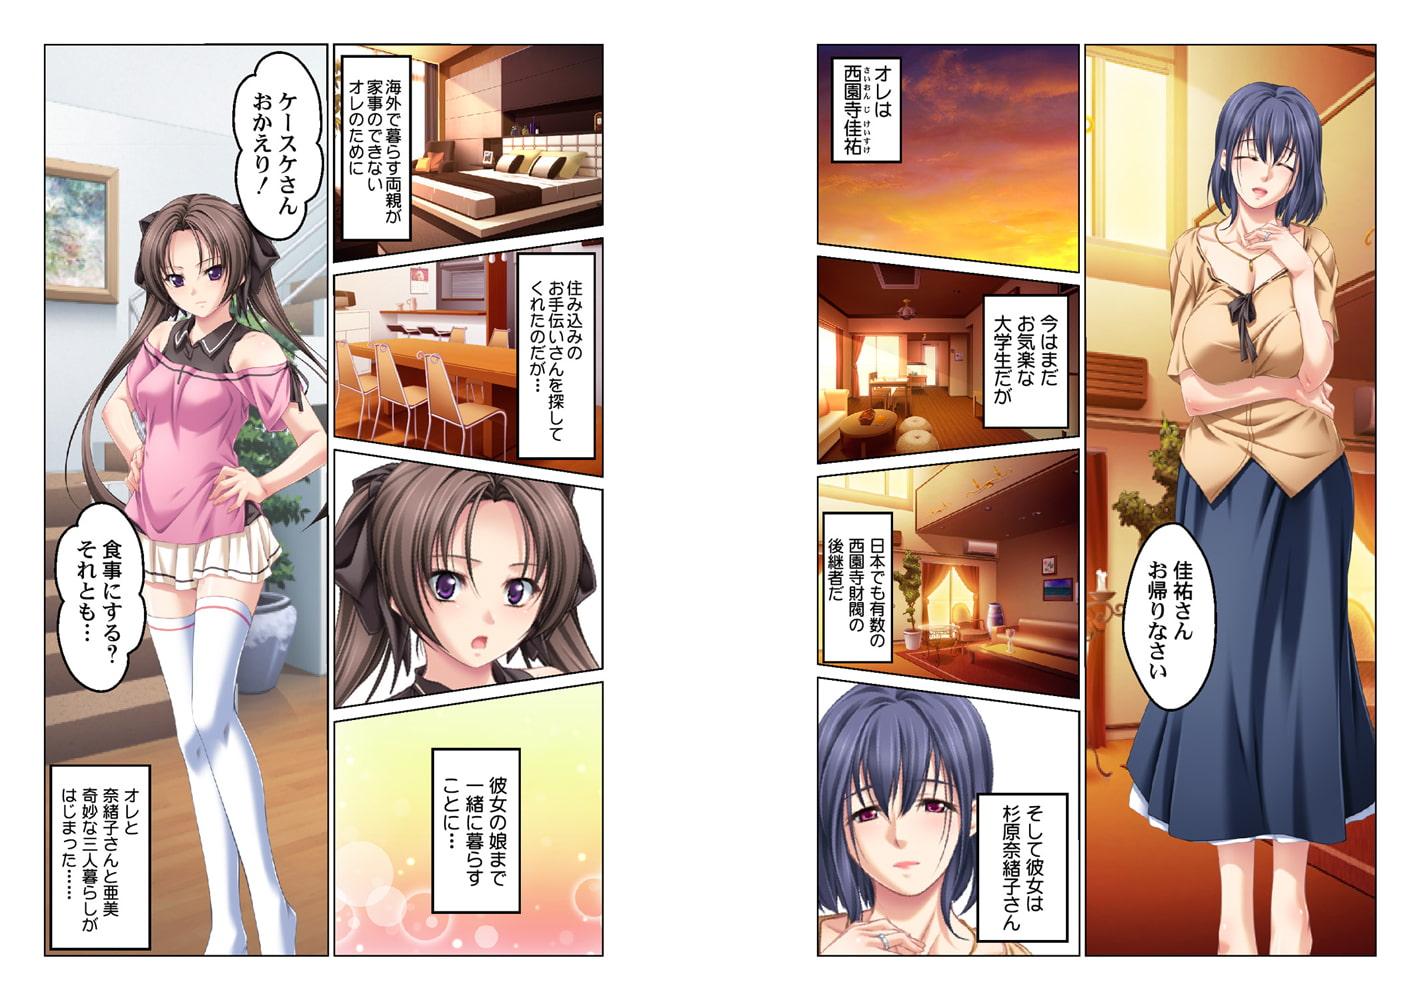 母娘丼美味しく頂きました!!【侍侍コレクション】 1巻